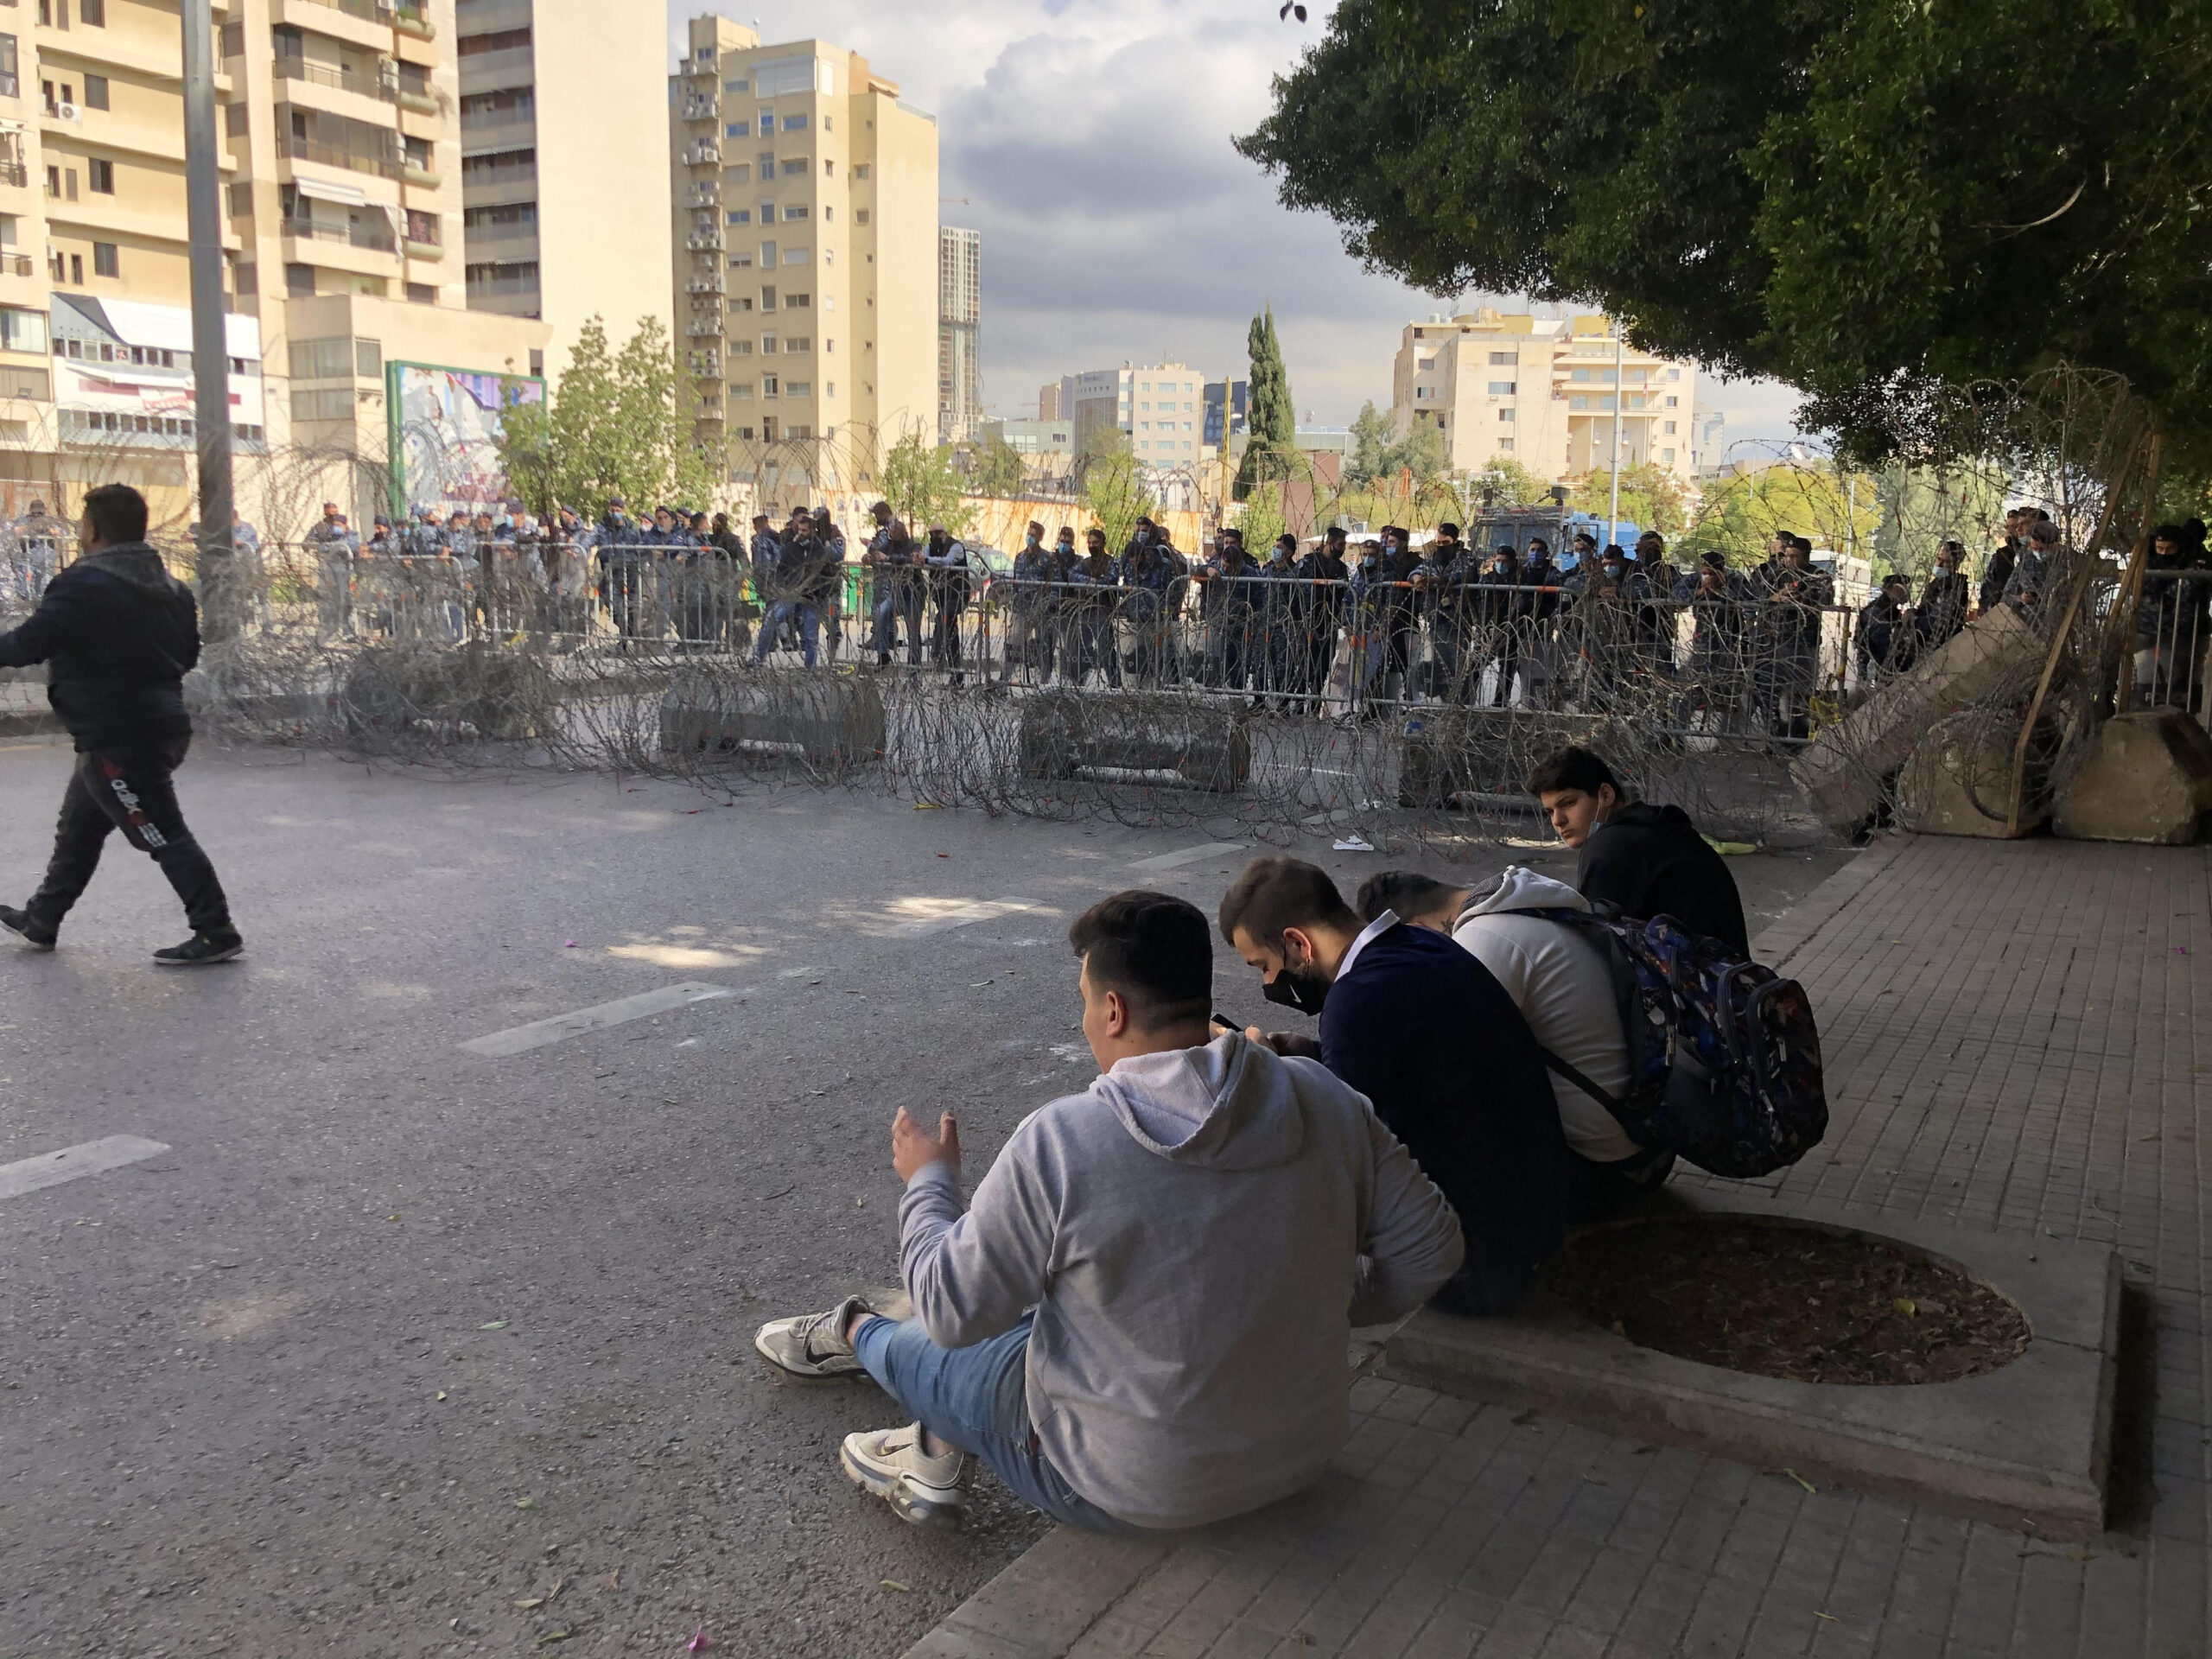 احتجاجات طرابلس: بلاغ من النيابة العامّة عن مفقود لدى مخابرات الجيش